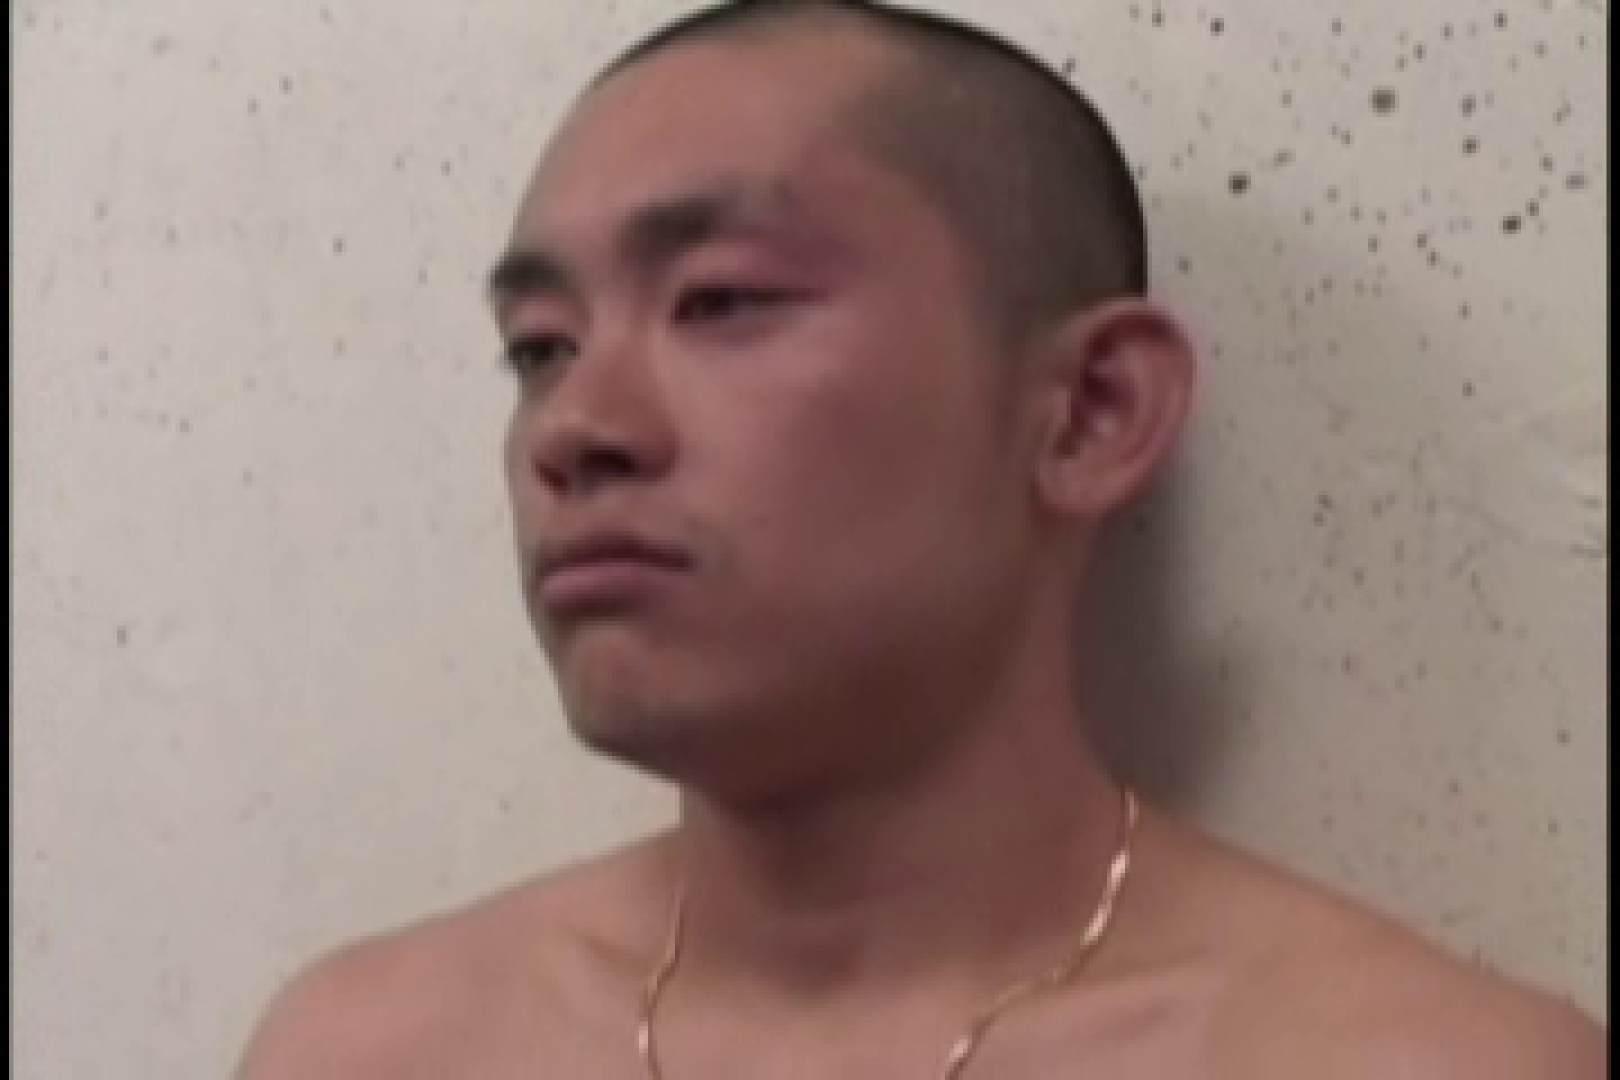 スリ筋!!スポメンのDANKON最高!!take.02 フェラ ゲイ素人エロ画像 90枚 32